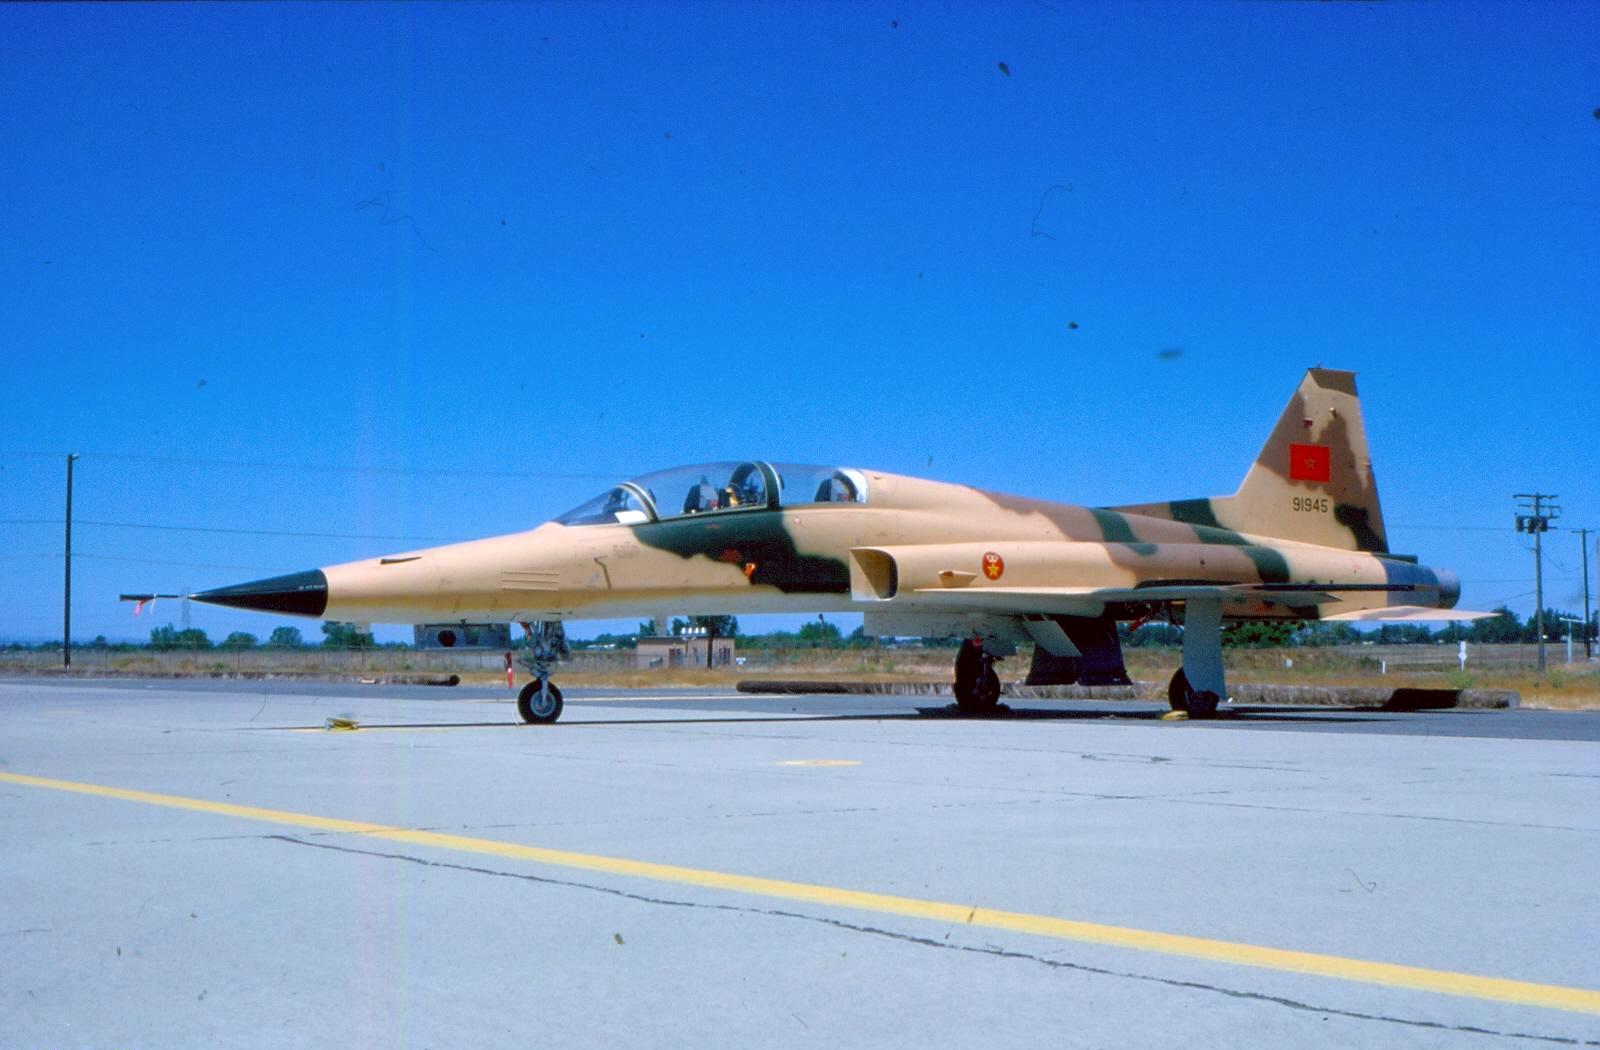 القوات الجوية الملكية المغربية - متجدد - - صفحة 2 150720052455479257